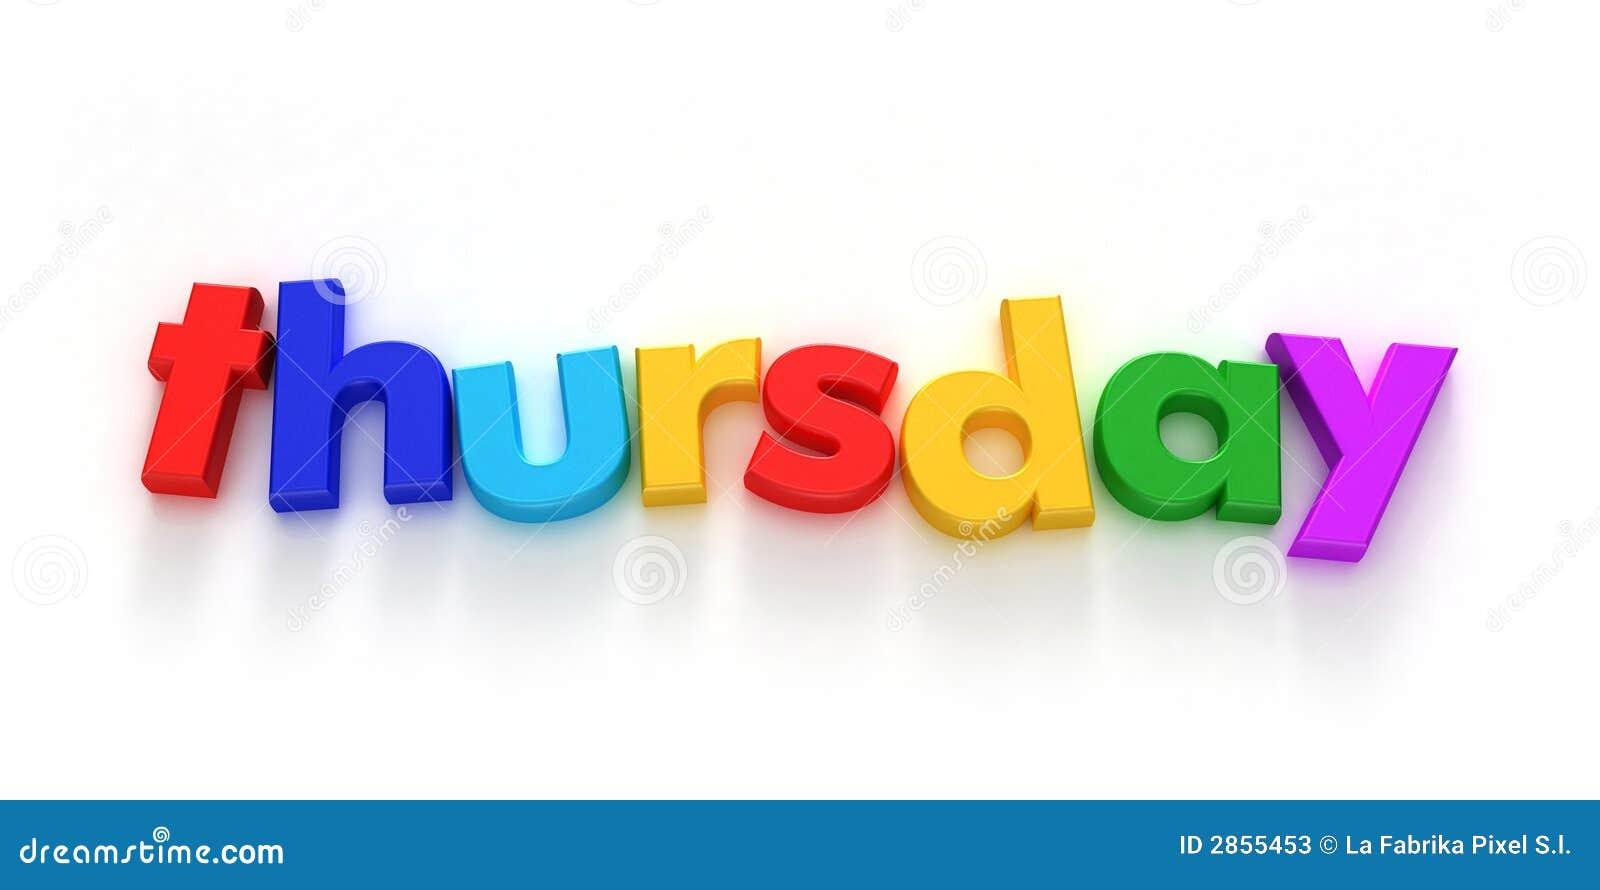 Thursday Stock Photos